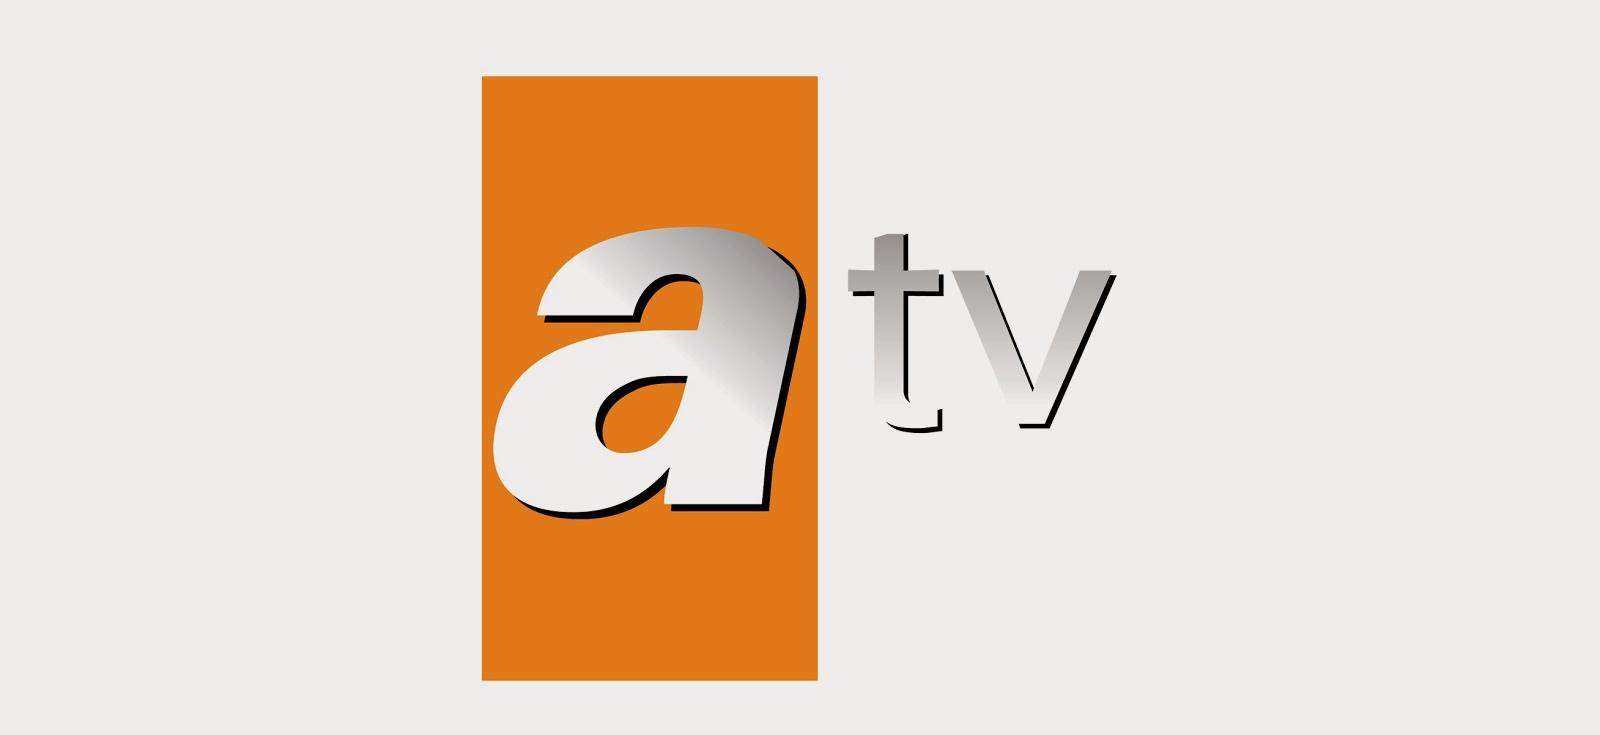 21 Eylül 2021 SalıTV yayın akışı: Bugün televizyonda hangi diziler var? | Bugün TV'de ne var?